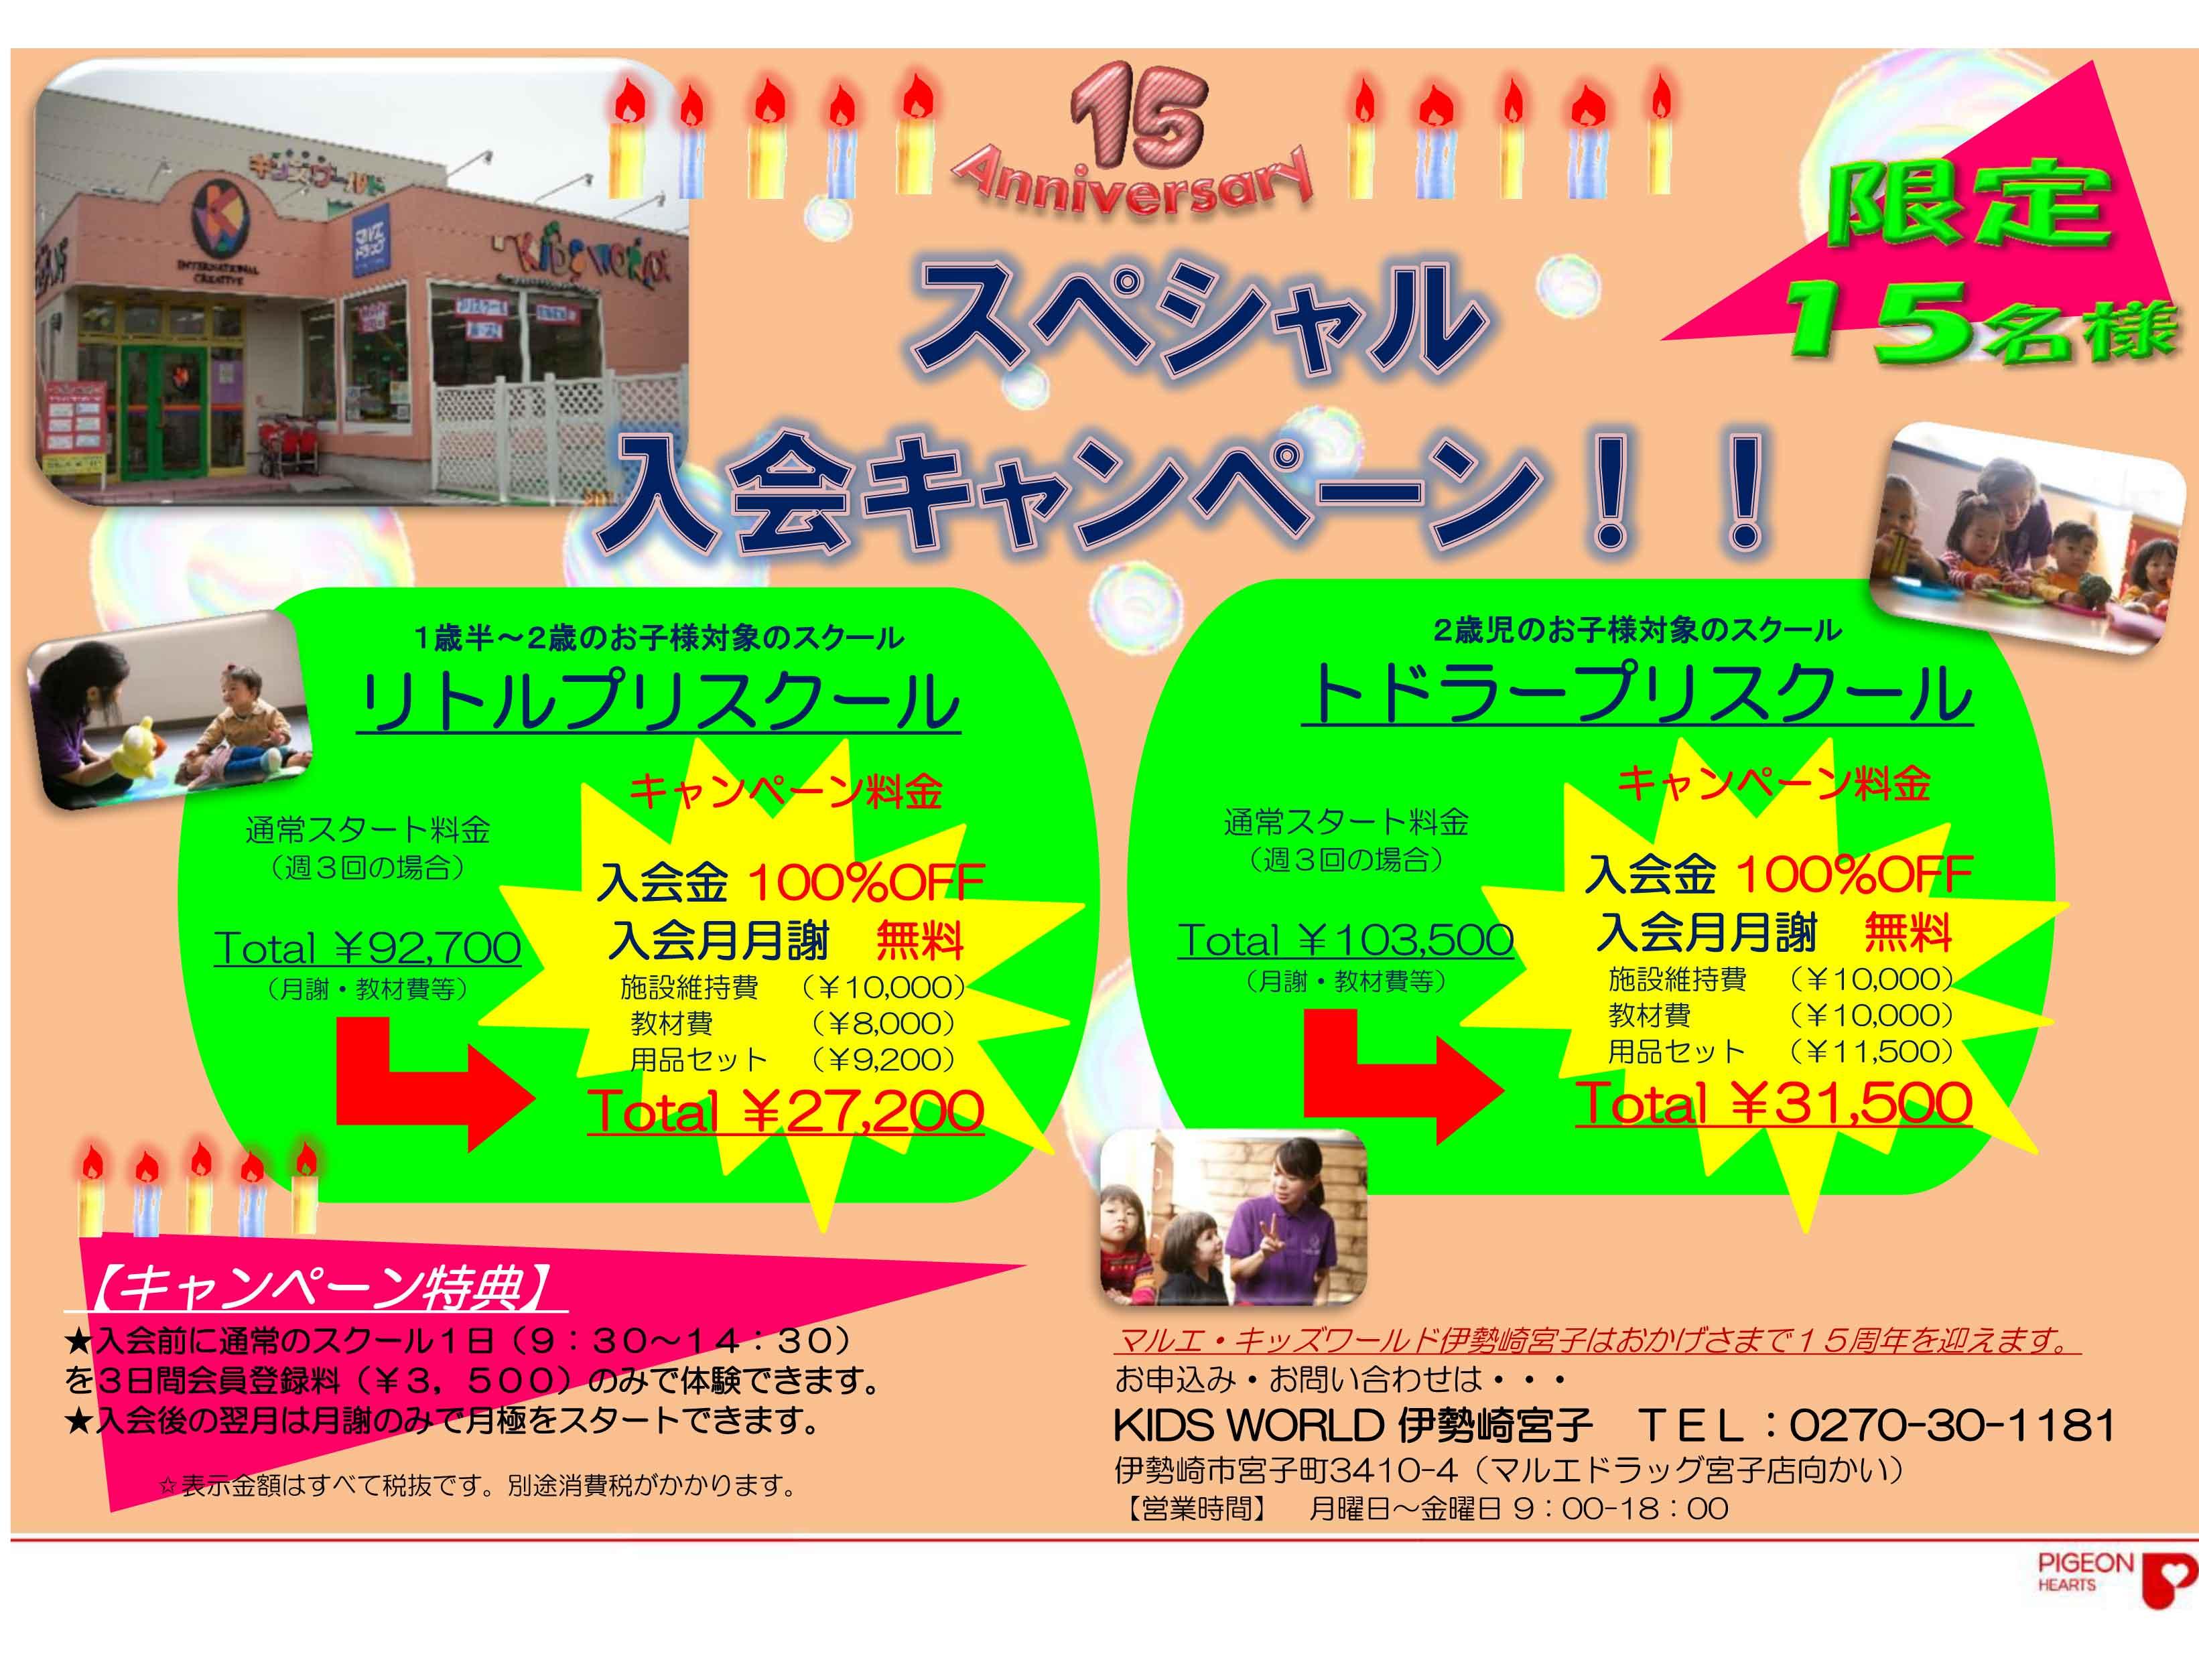 【伊勢崎宮子】15周年キャンペーン